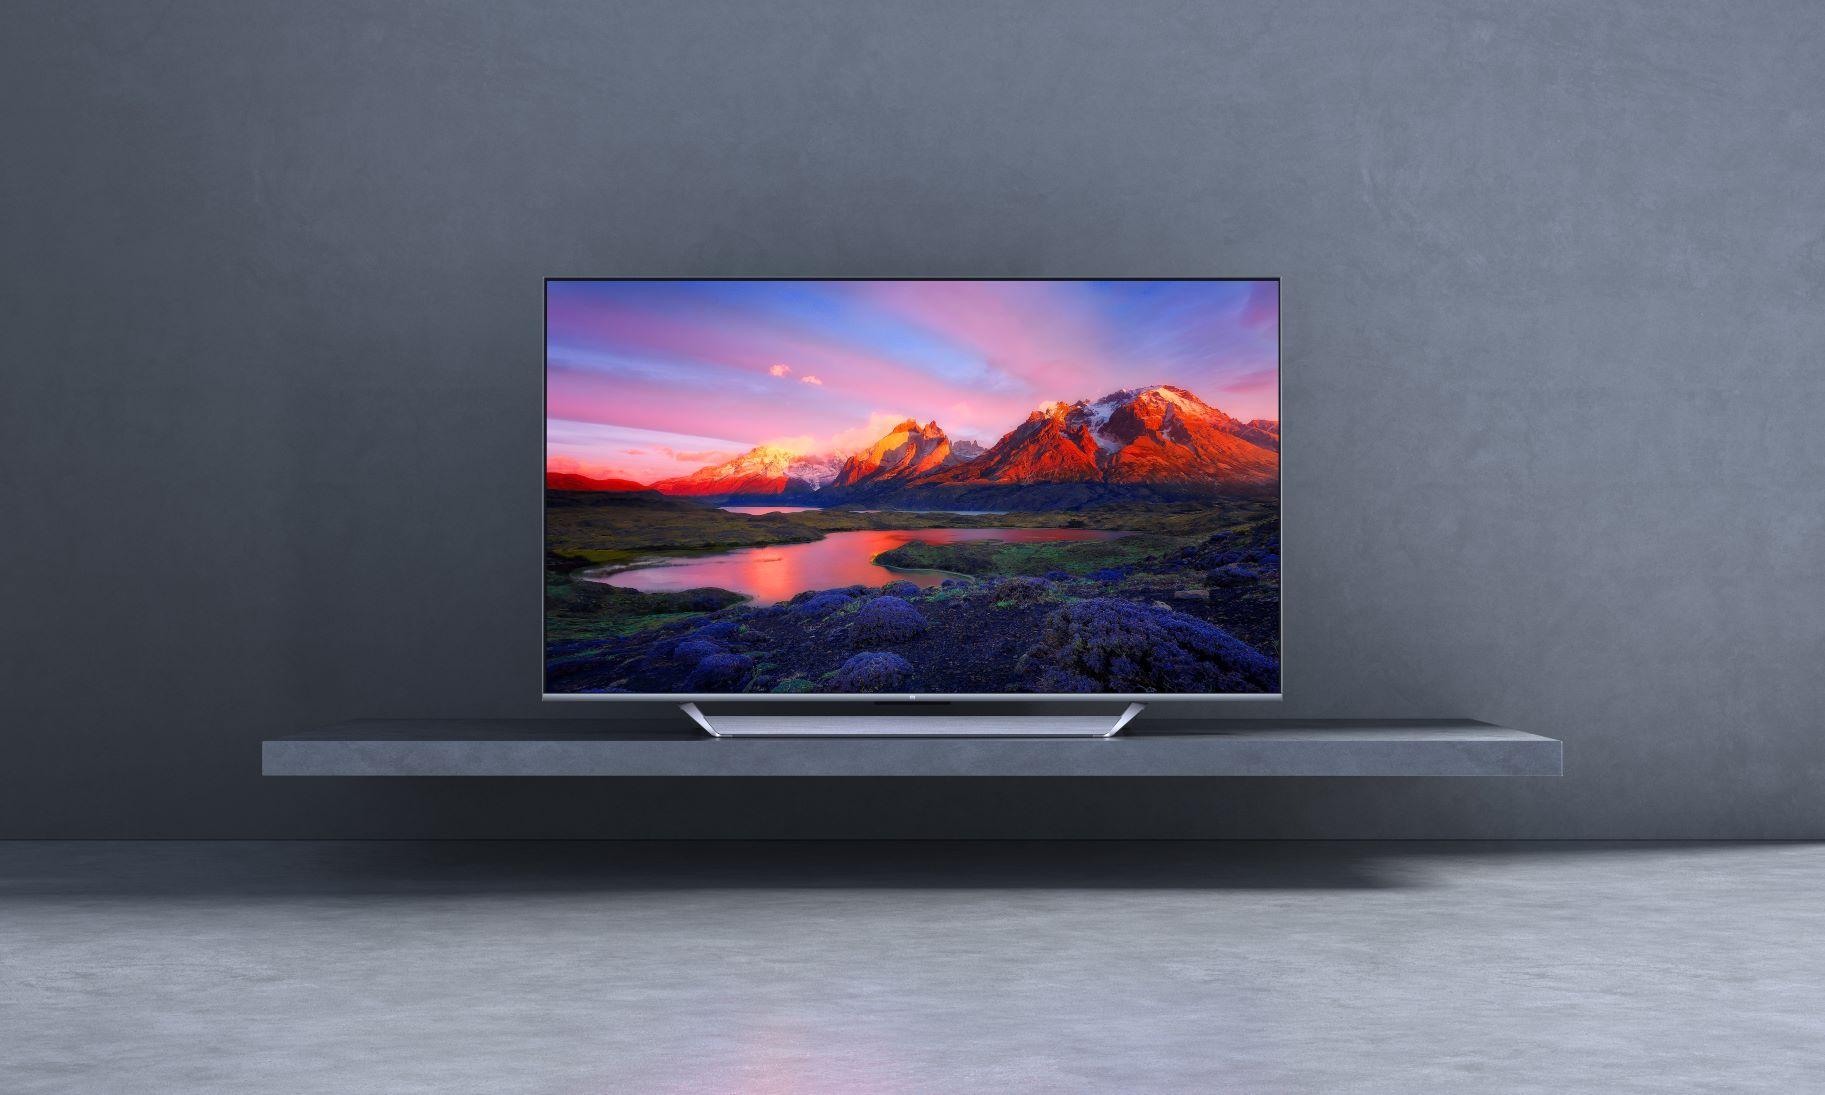 В Украине стартуют продажи 75-дюймового смарт-телевизора Xiaomi Mi TV Q1: новинку можно купить со скидкой в 5000 грн